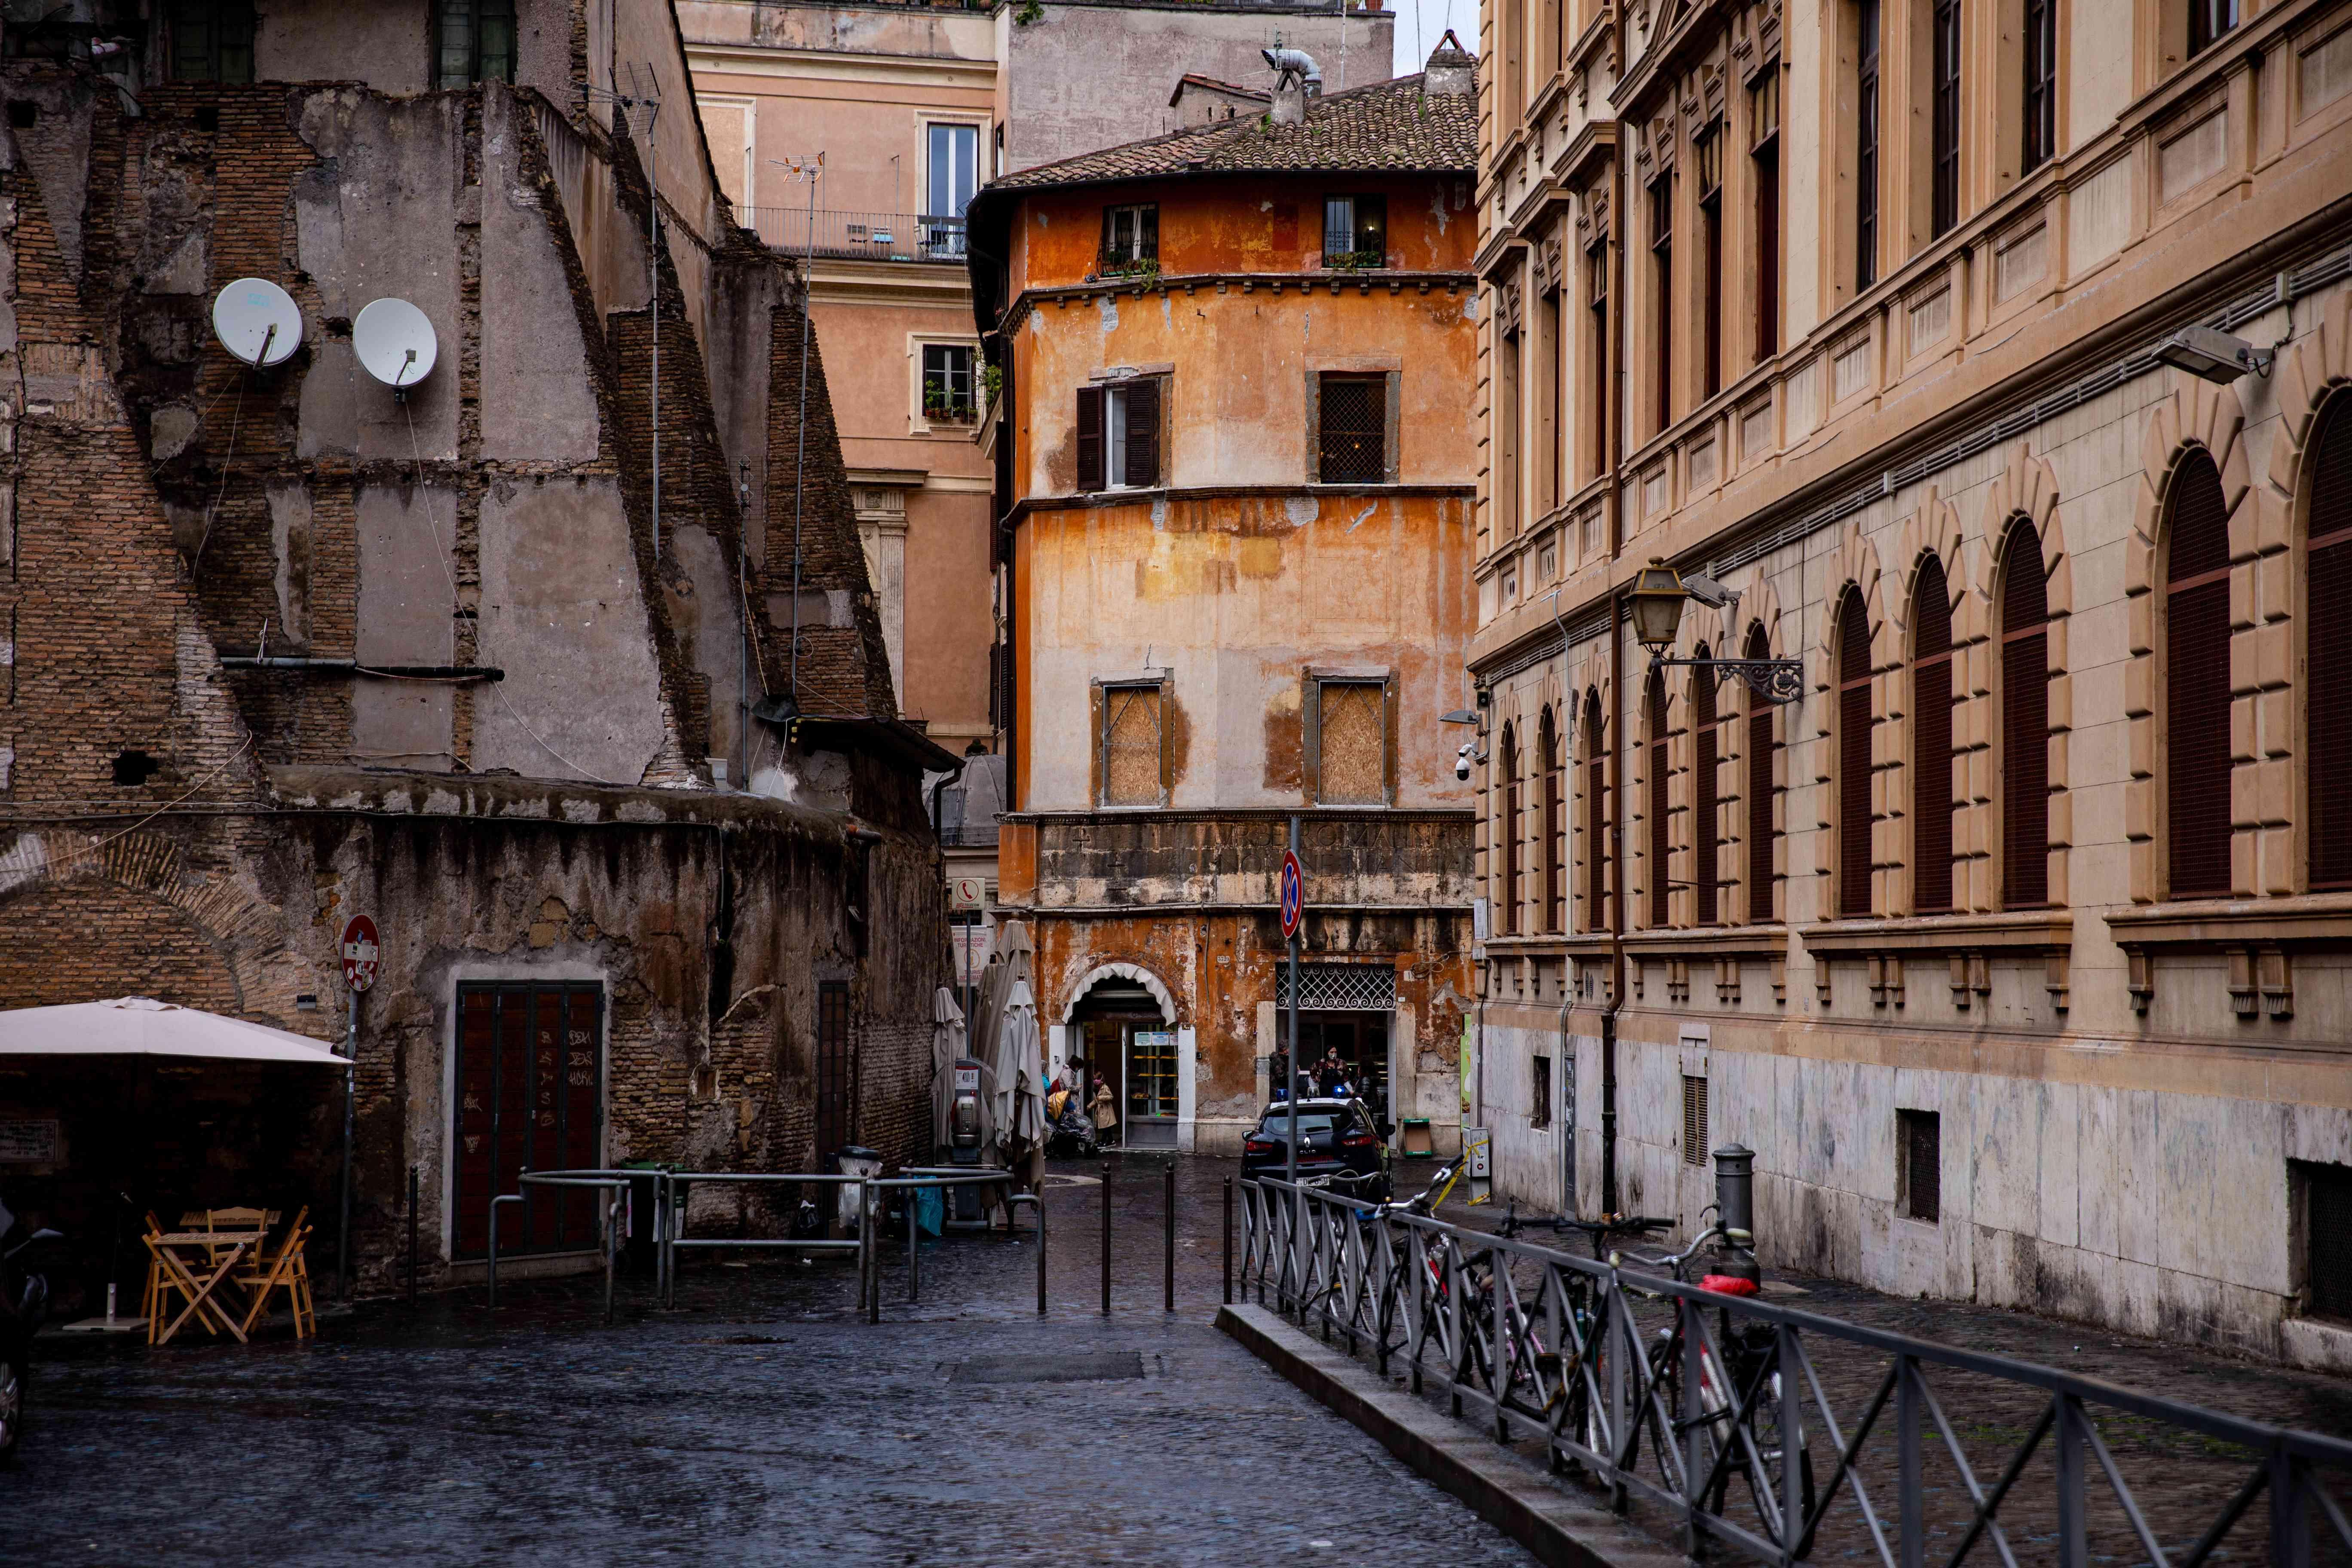 Jewish Ghetto in Rome, Italy